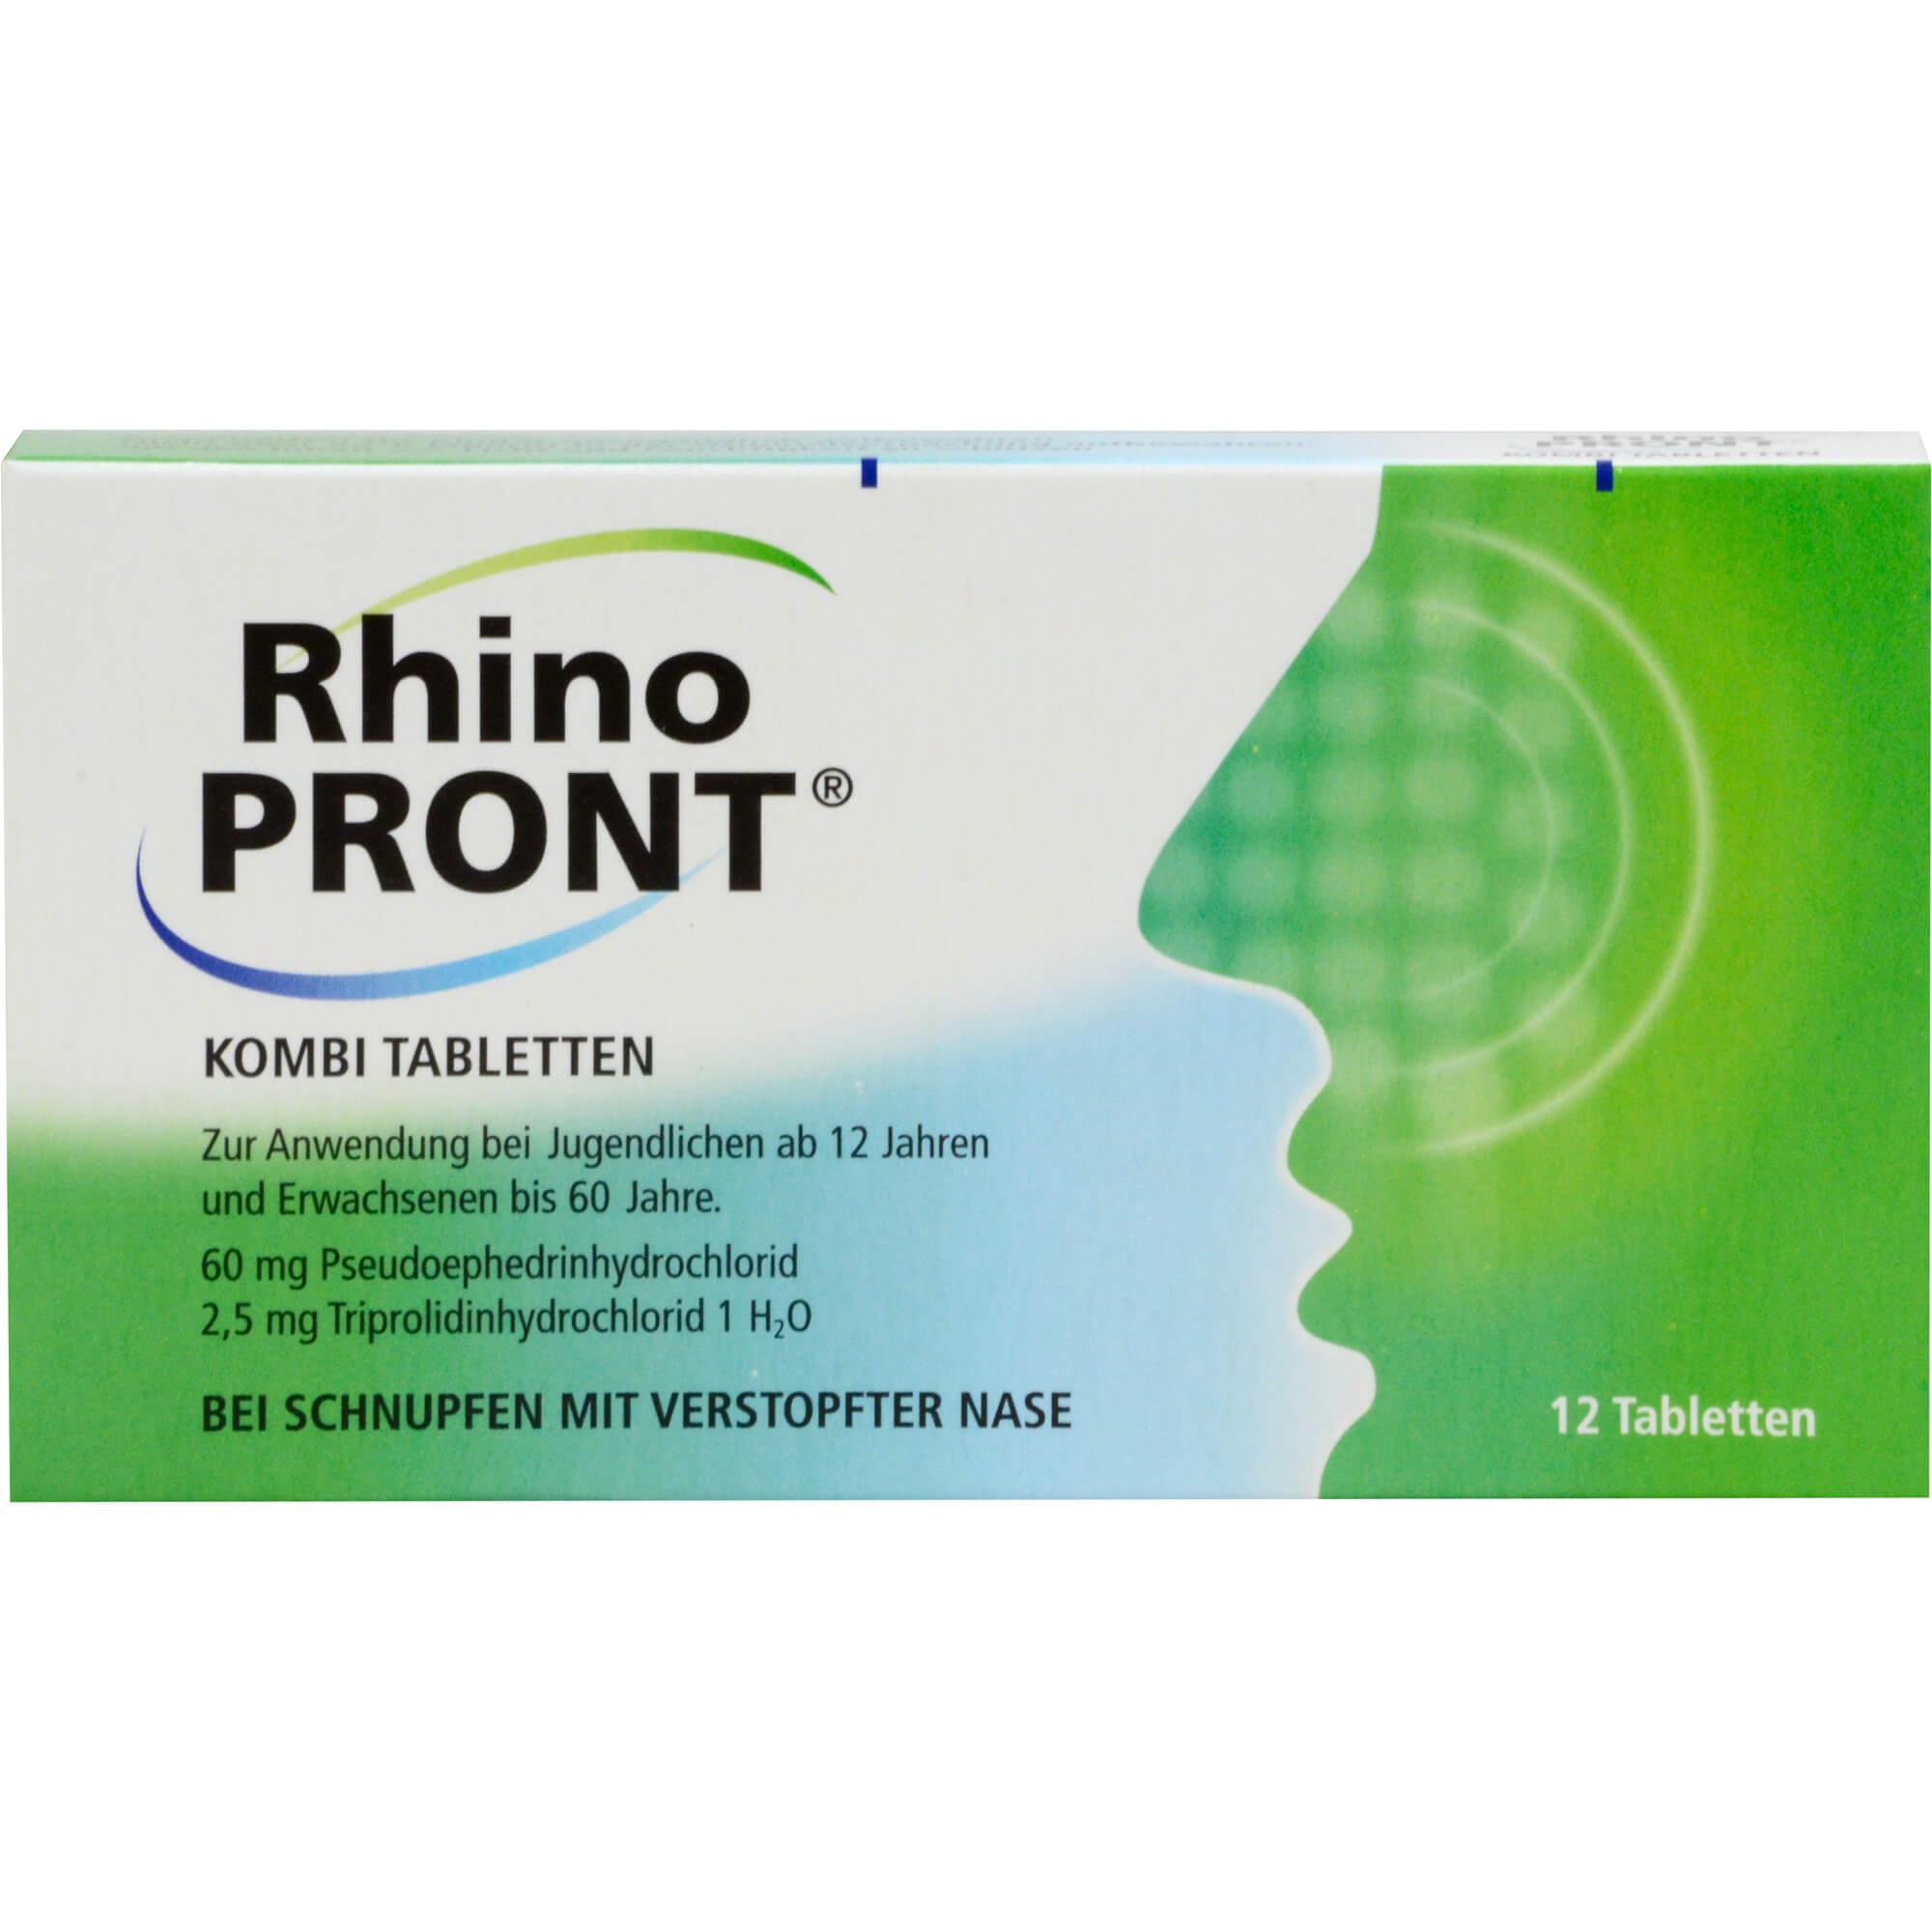 RHINOPRONT-Kombi-Tabletten